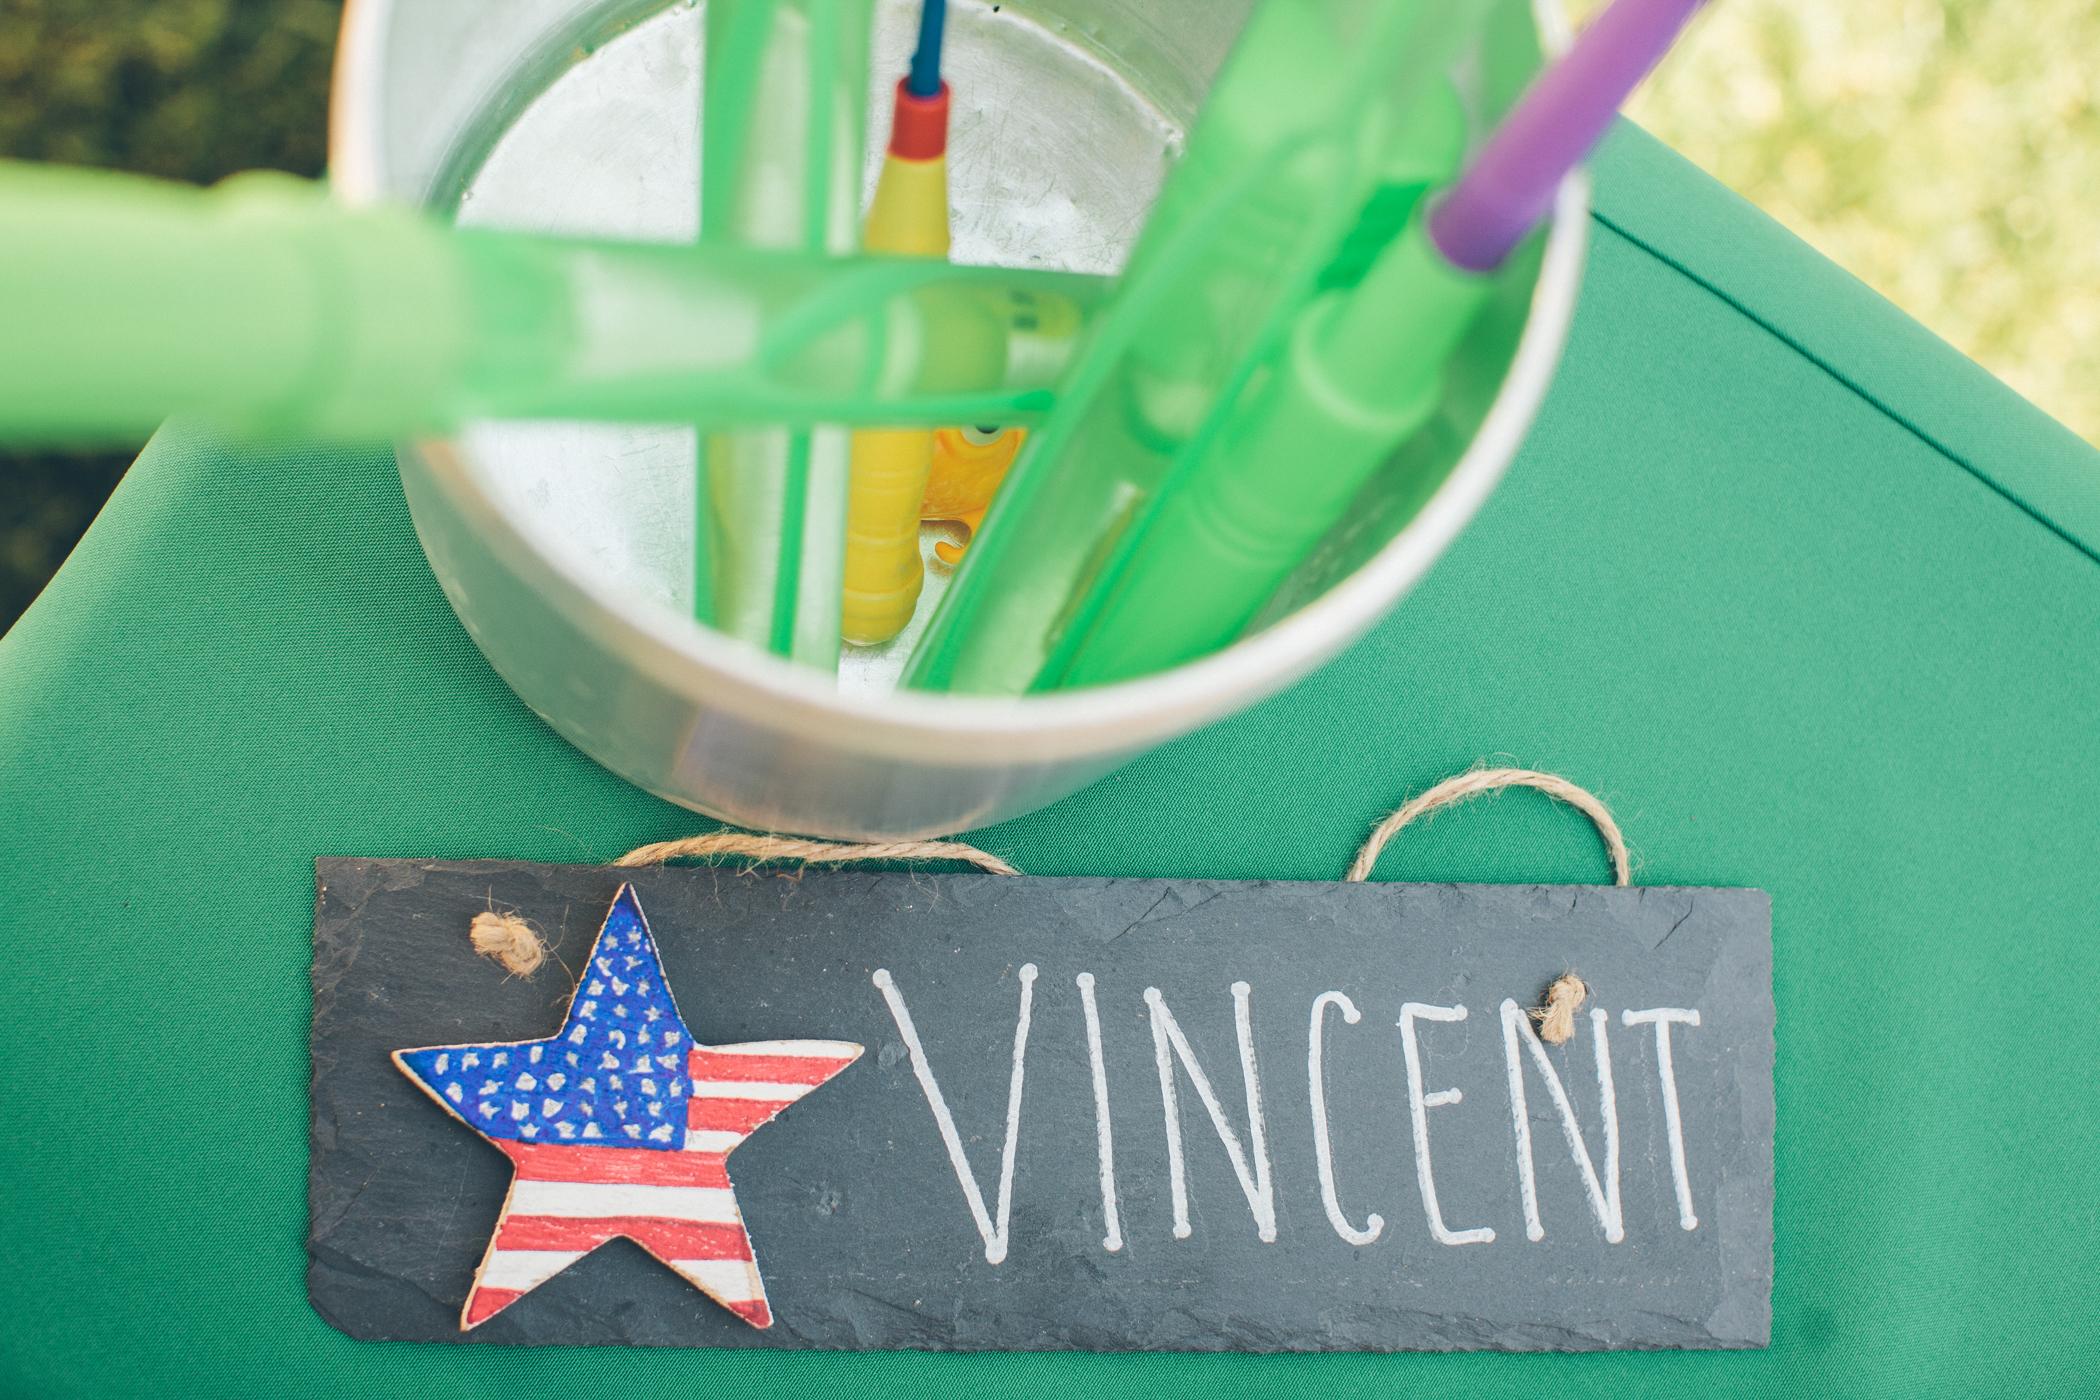 Vincent-003.jpg